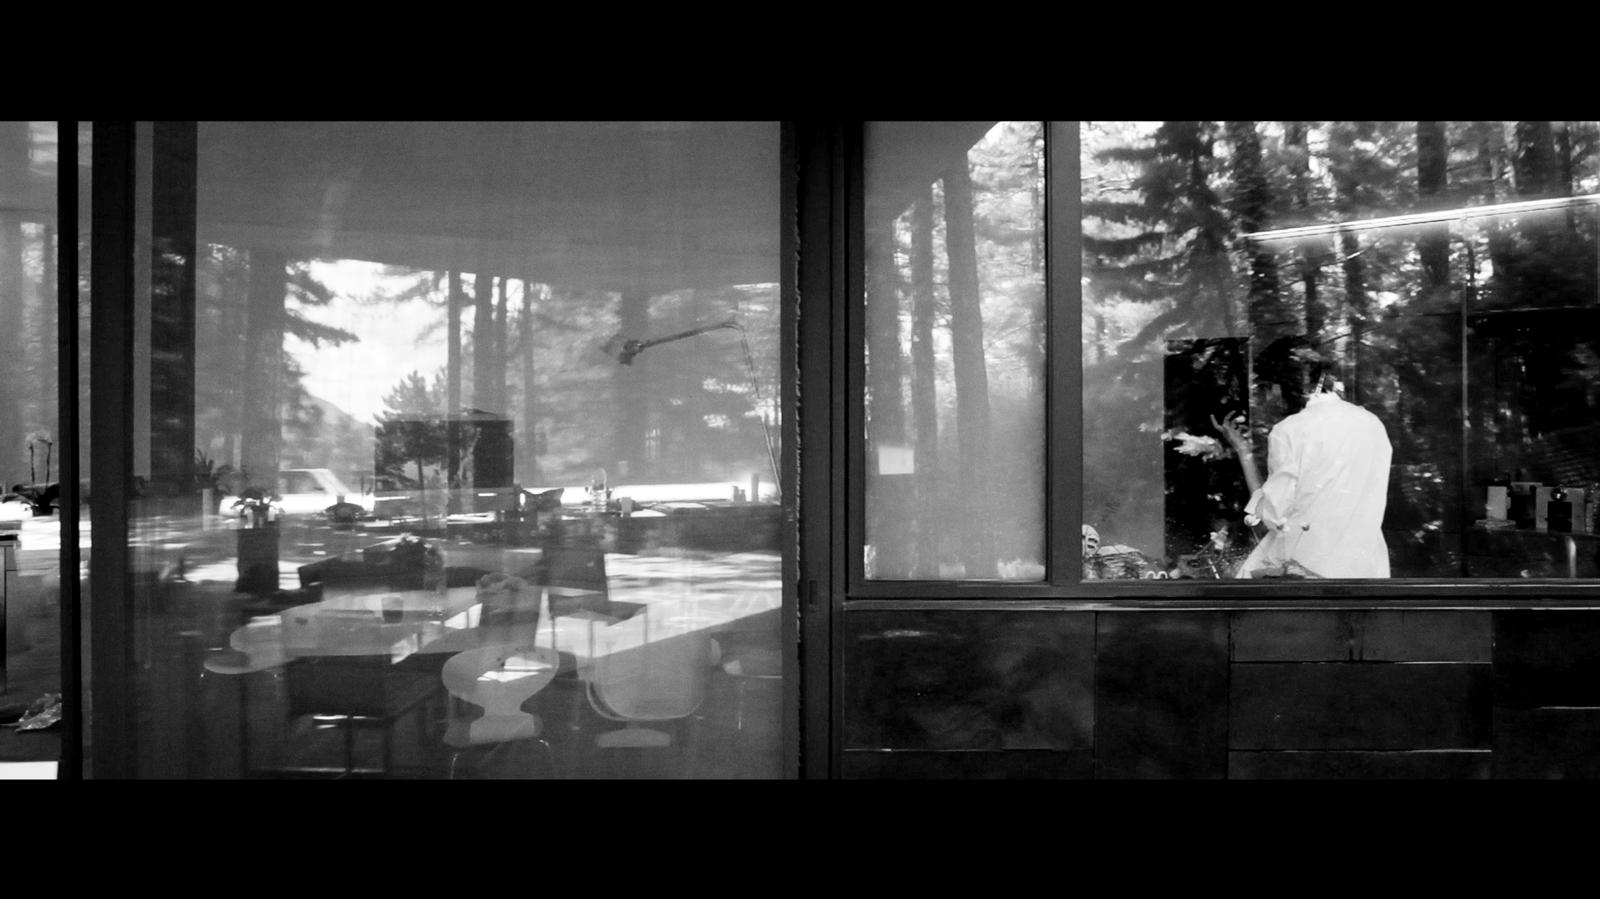 Maaike-Klaasen-Pablo-Curto-03